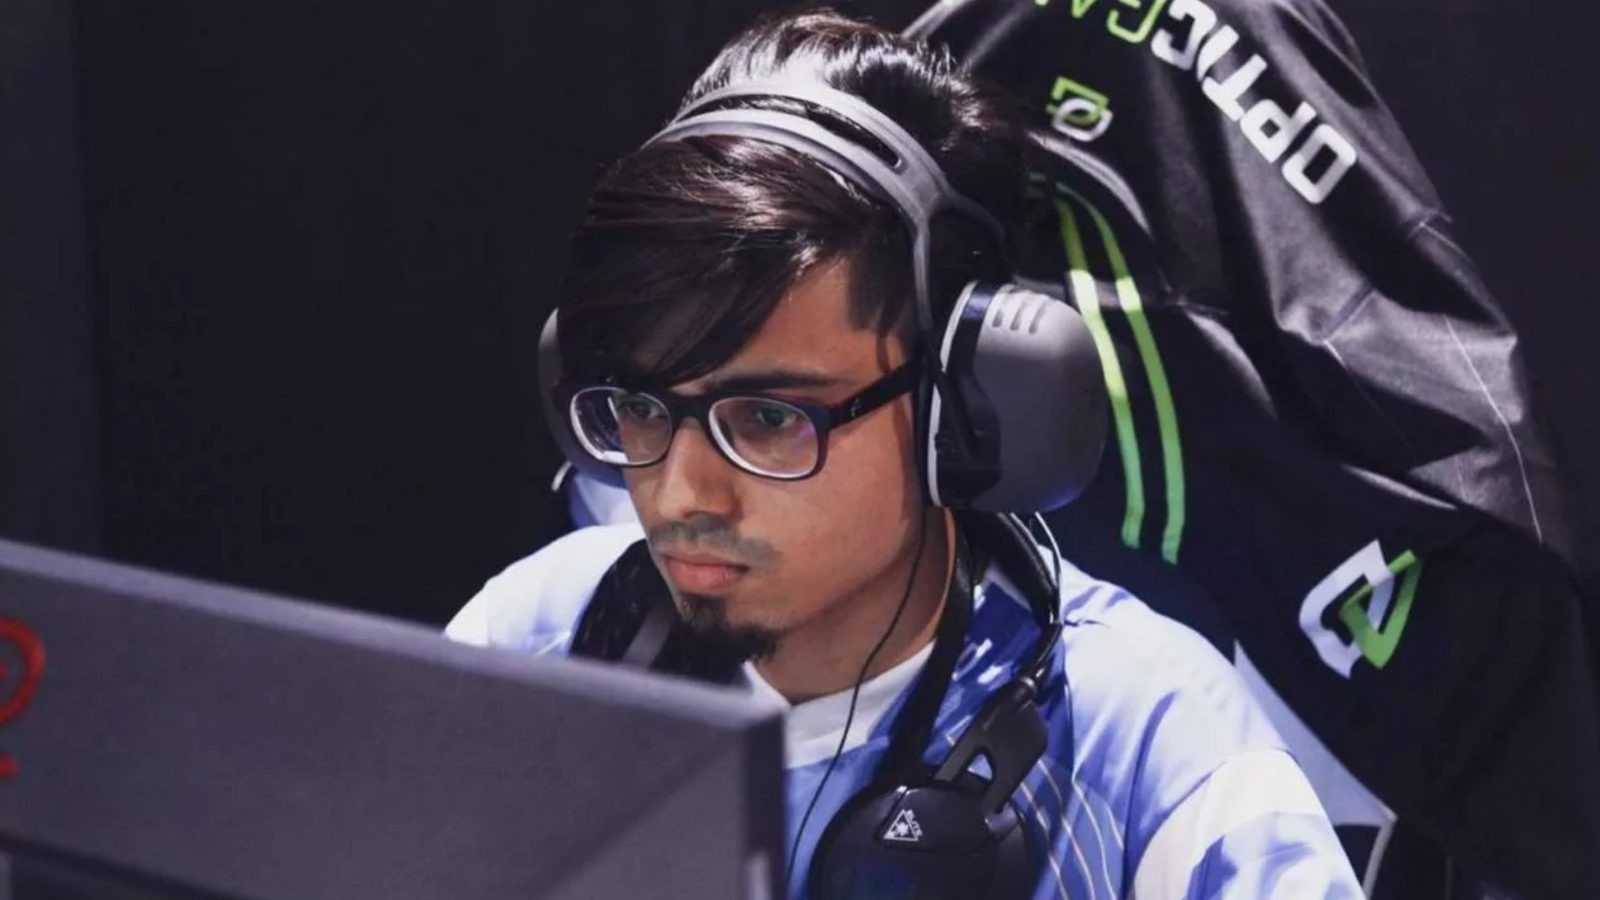 已不是初犯  《CS:GO》 比赛开挂印度选手被禁赛5年